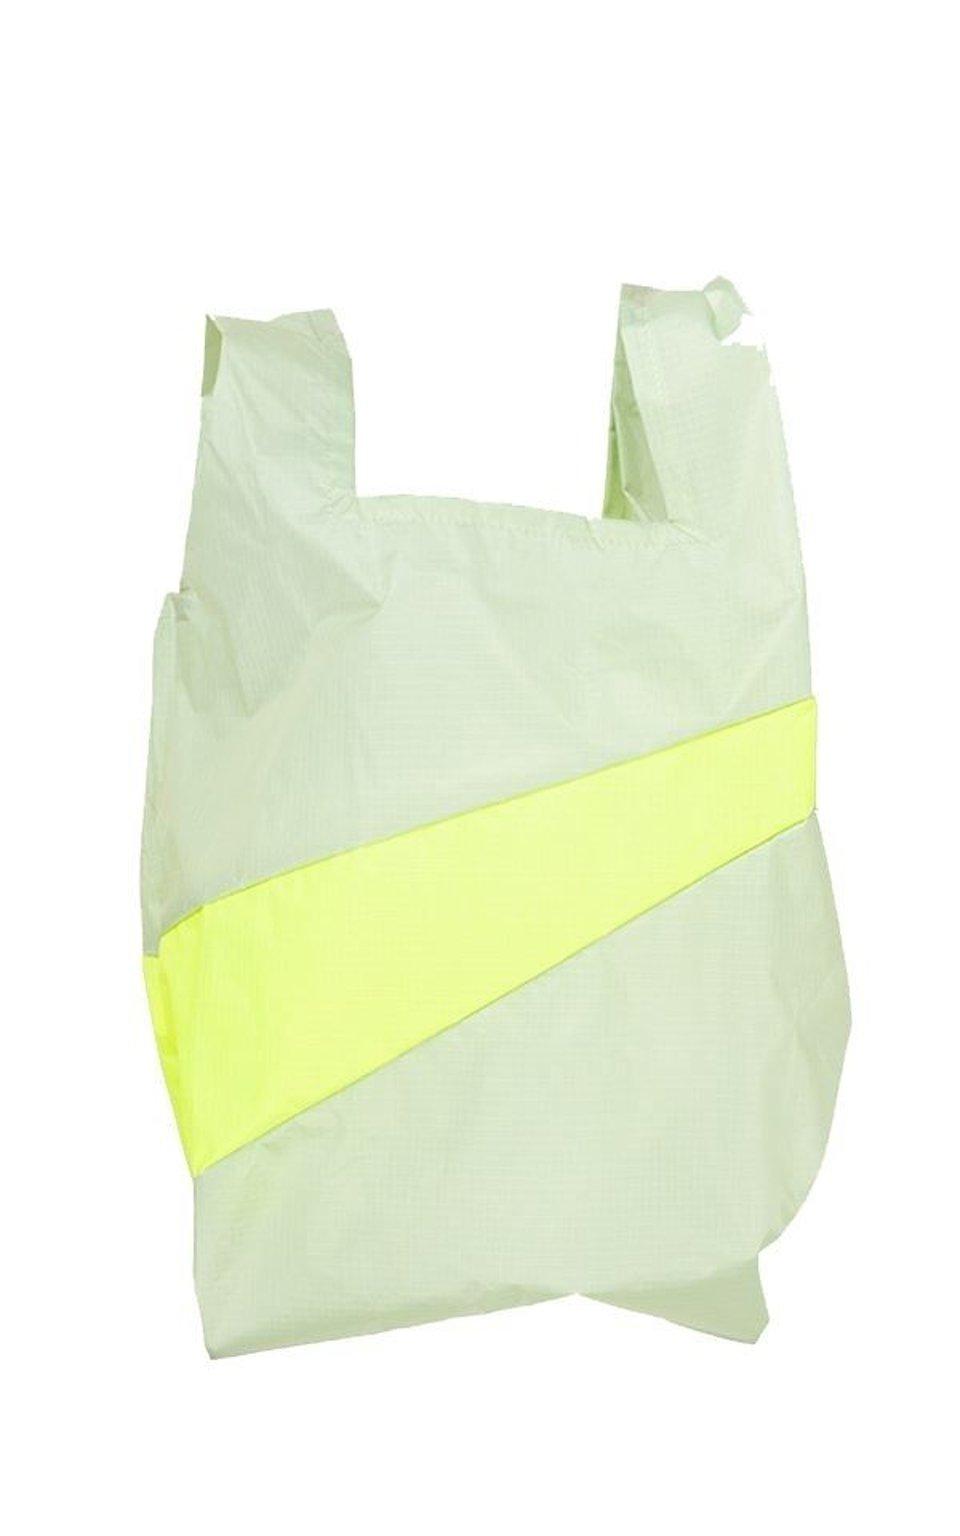 Shopping Bag #5